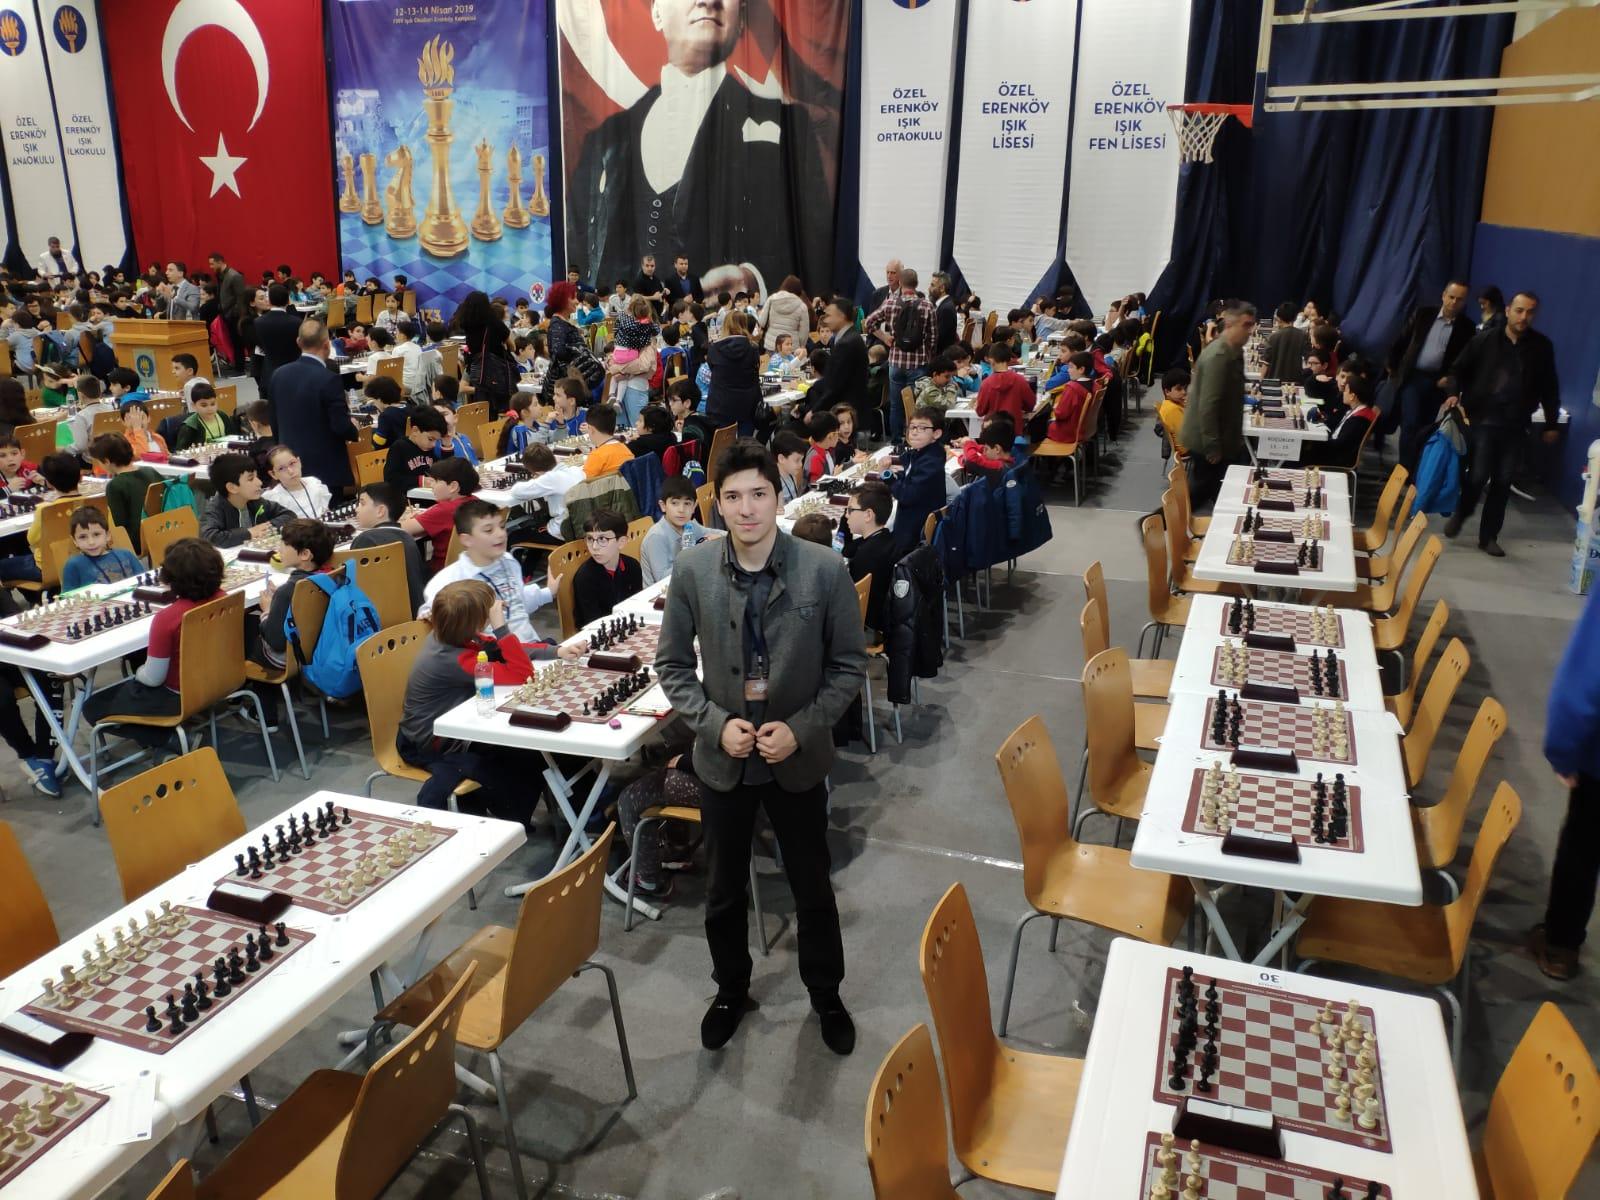 Kızıltoprak ve Mecidiyeköy merkezlerimizin Satranç eğitmeni